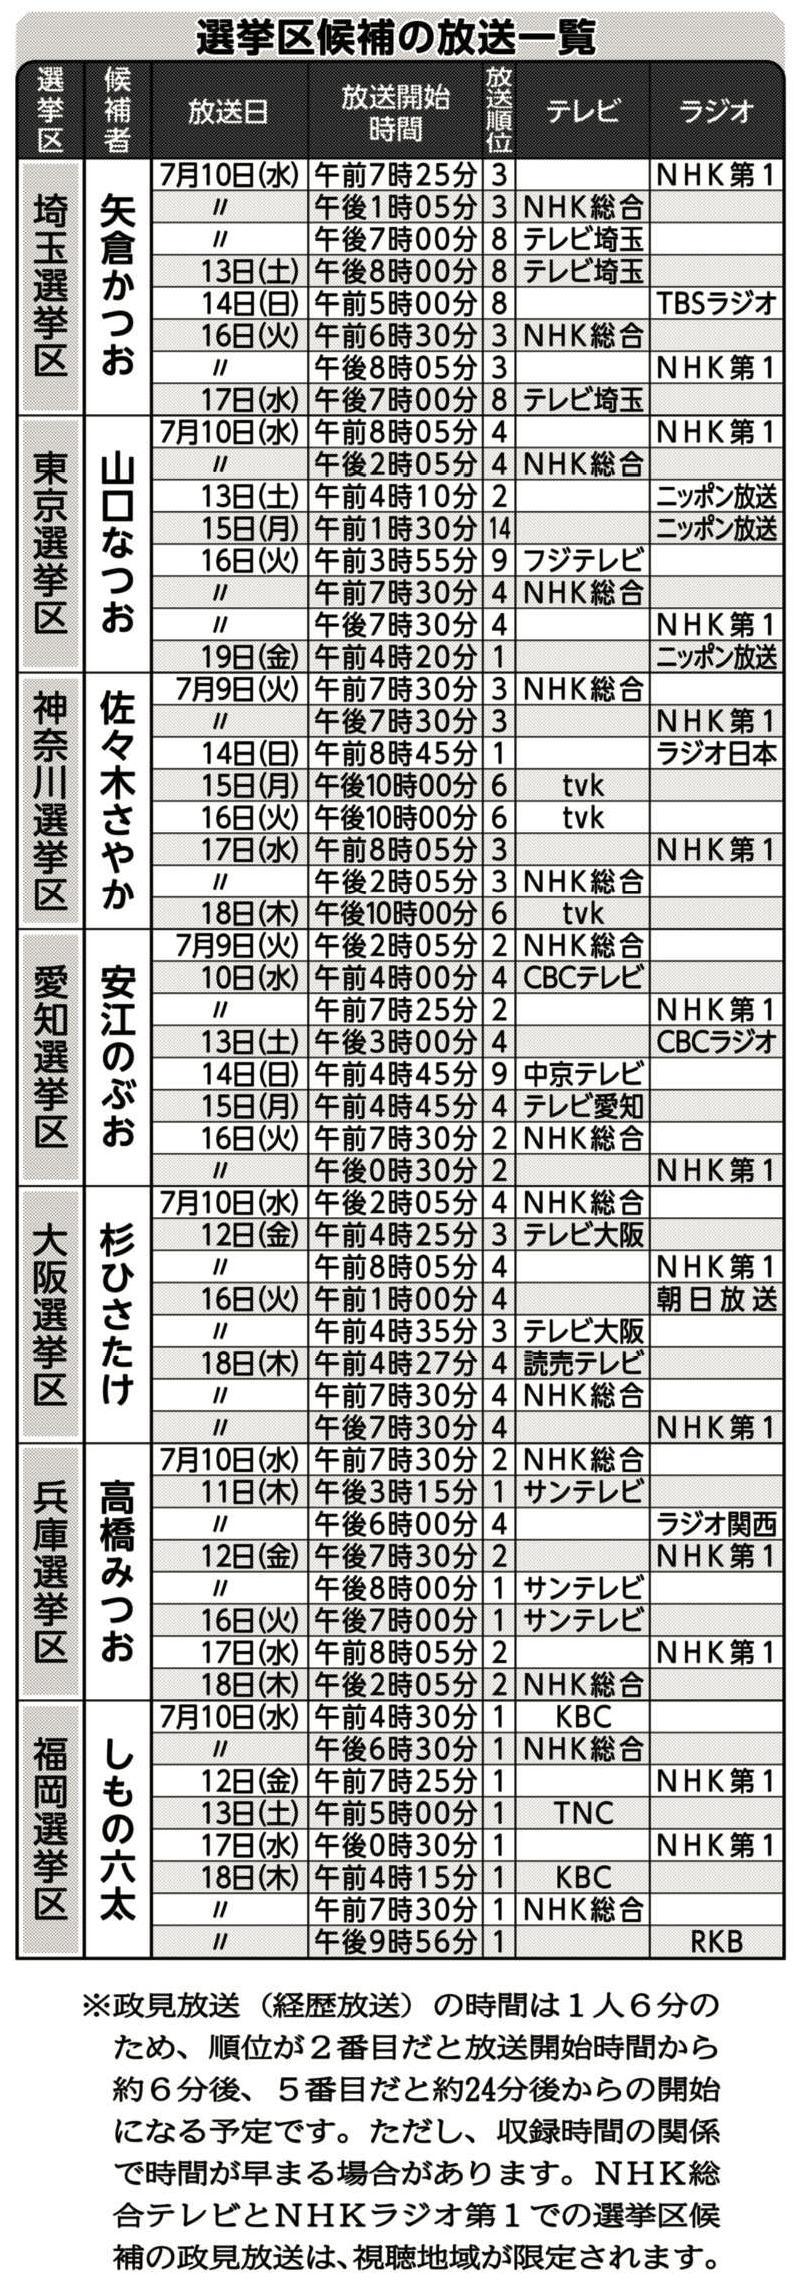 各選挙区候補の放送一覧